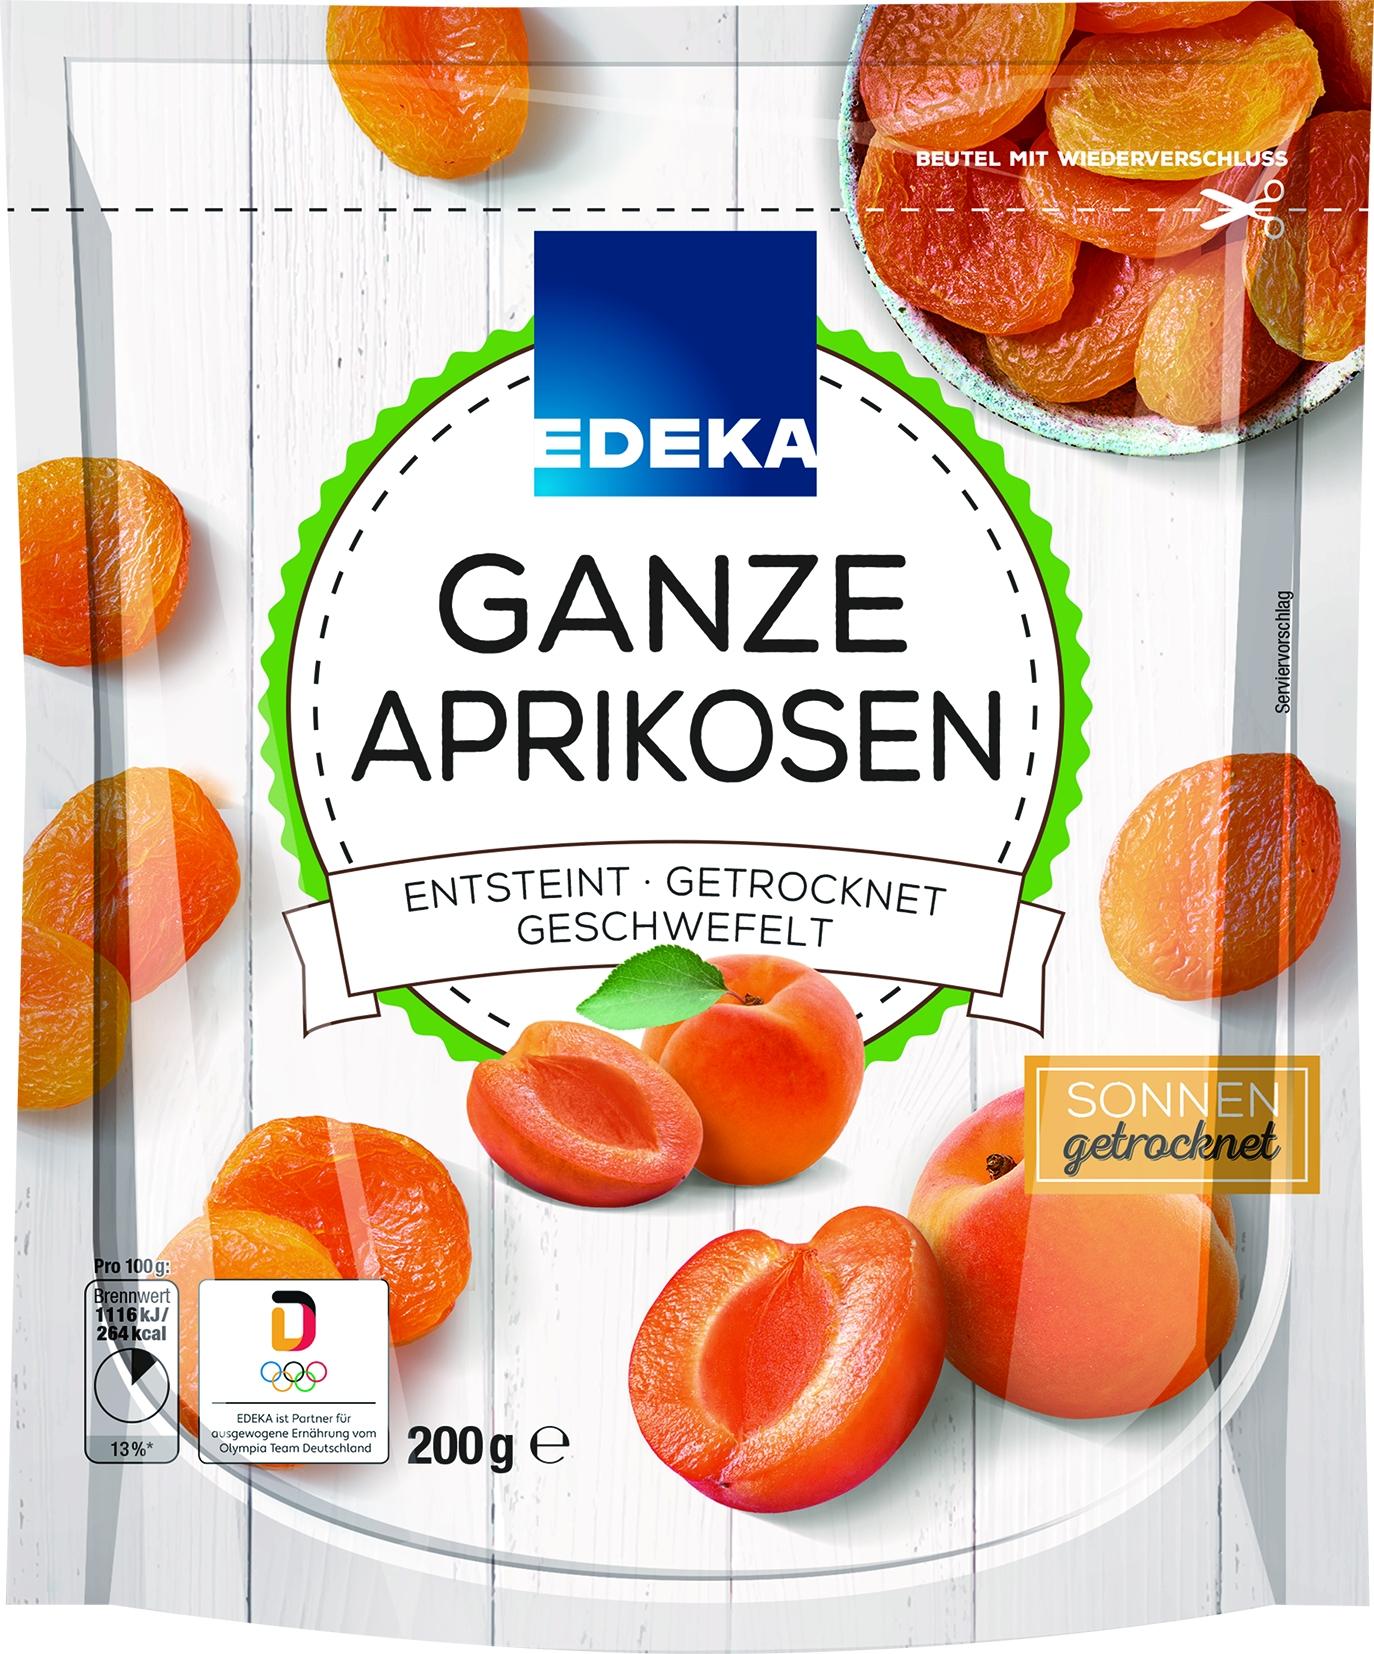 Aprikosen entsteint